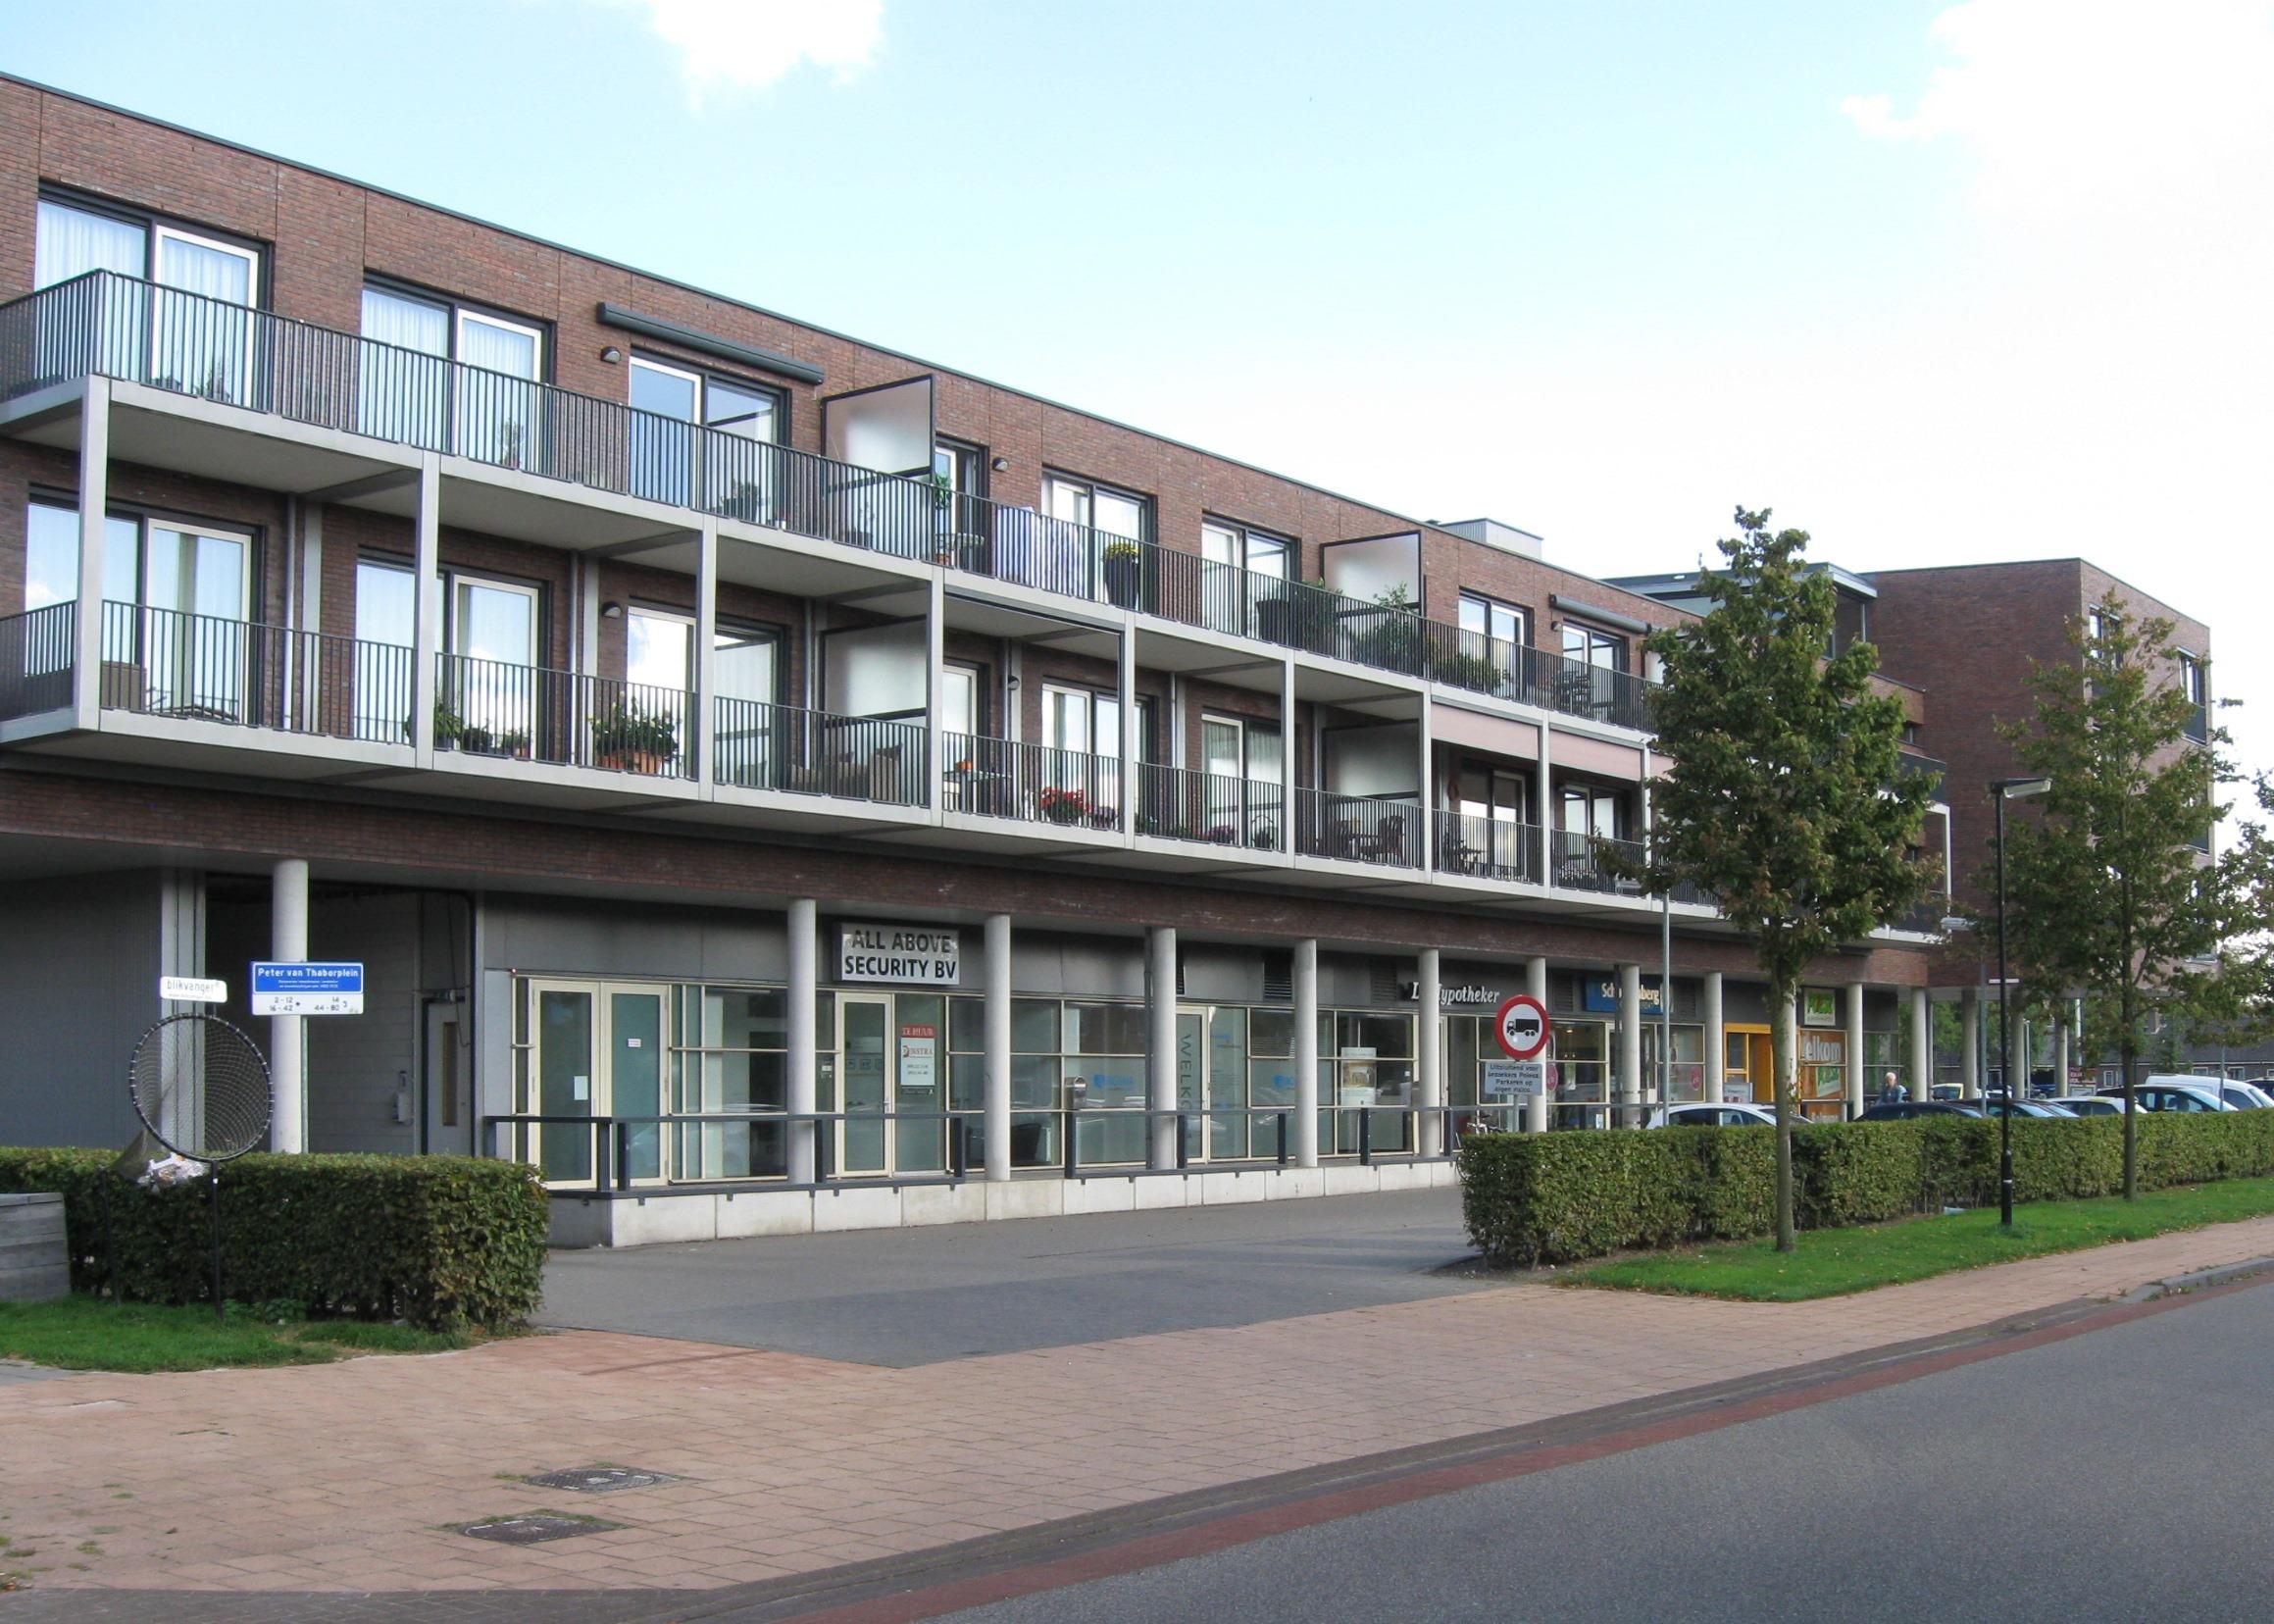 Te koop: Peter van Thaborplein 34, 8701 EW Bolsward